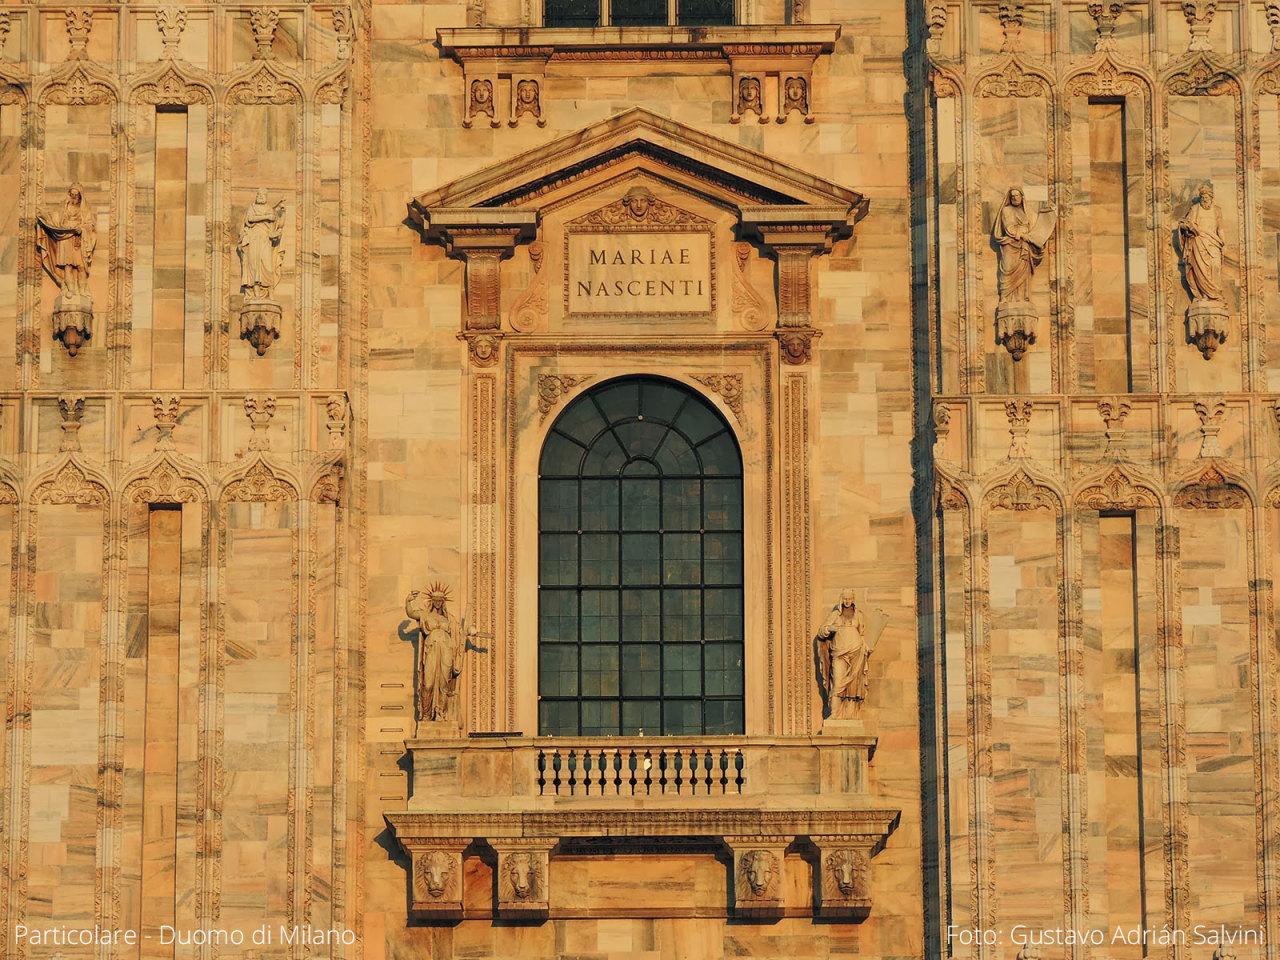 Particolare - Duomo di Milano